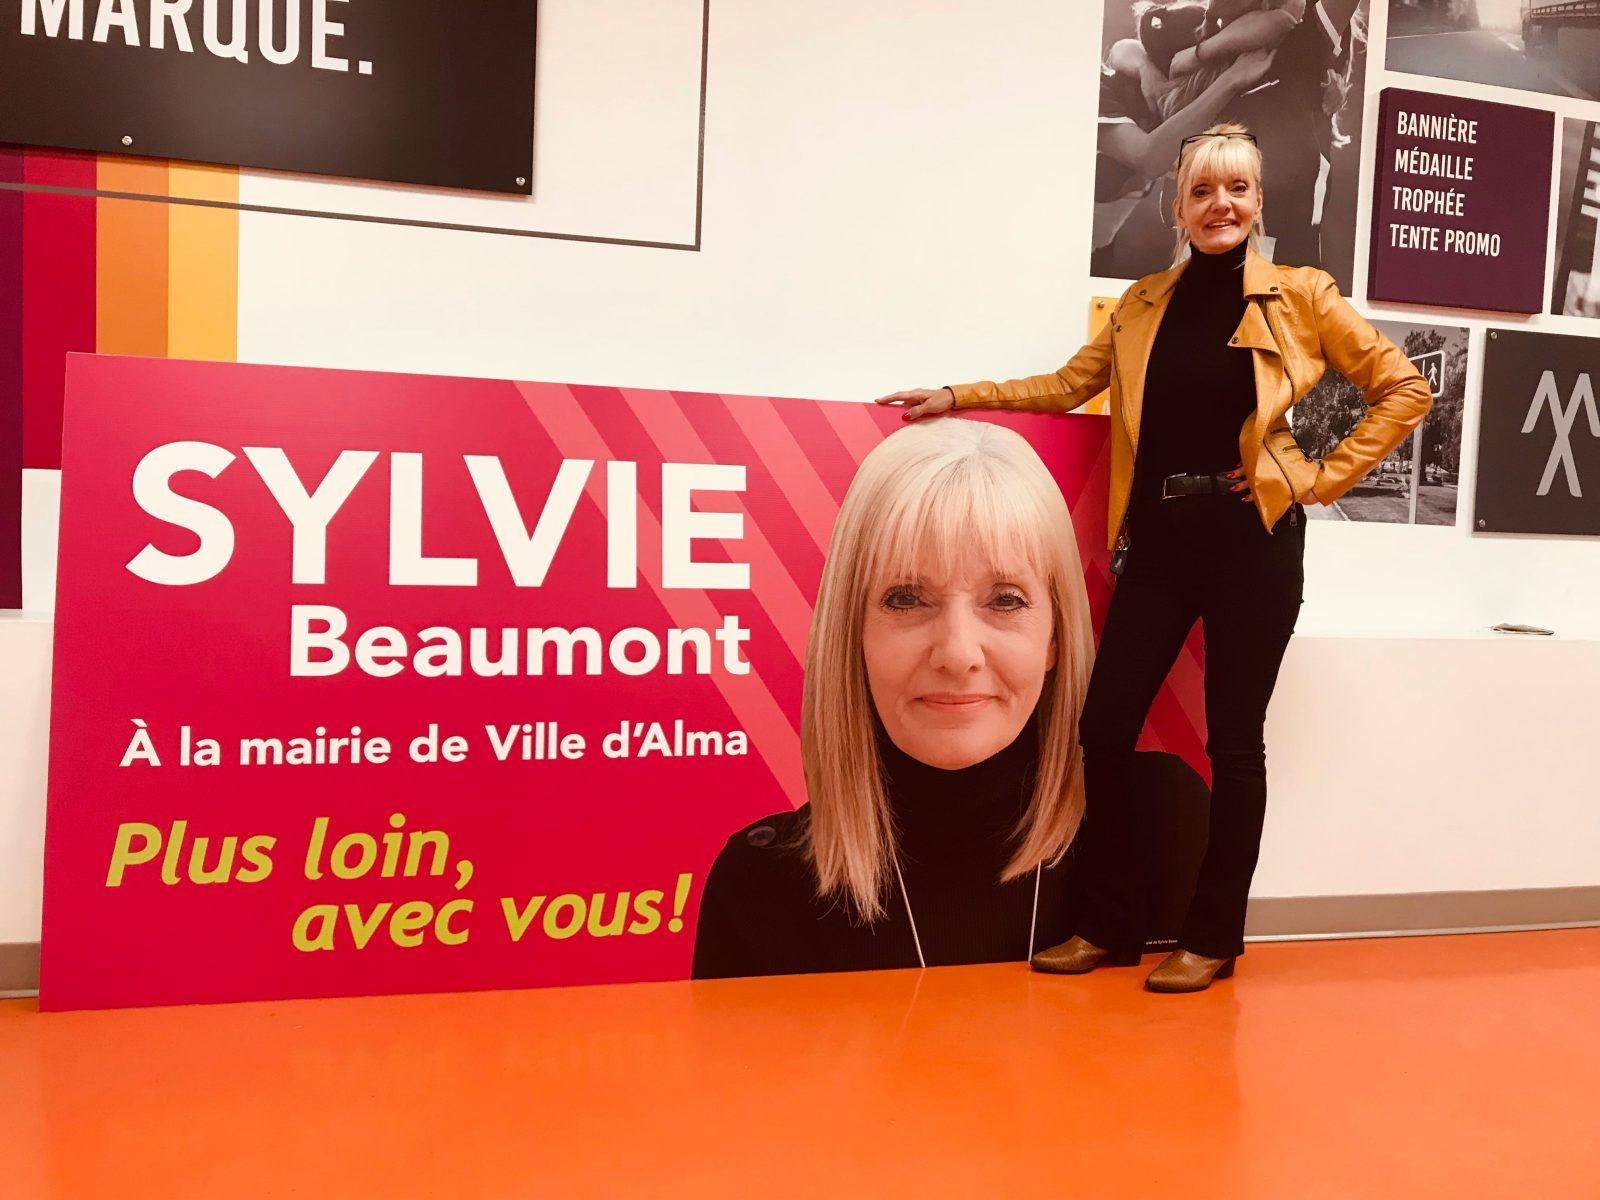 «Plus loin, avec vous!» : Sylvie Beaumont dévoile ses orientations